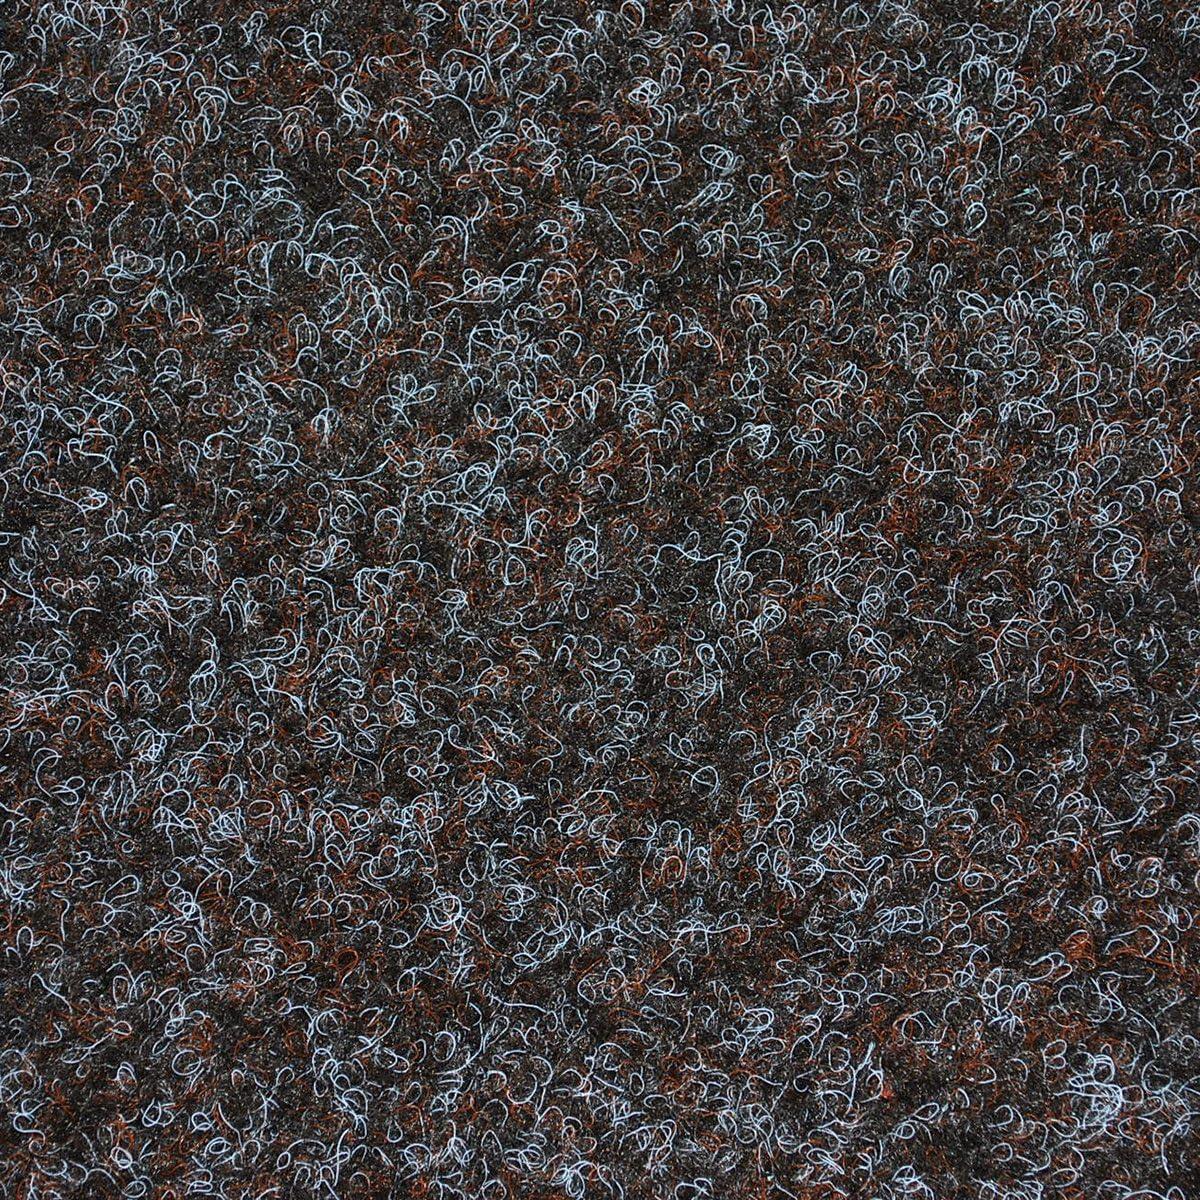 havatex Rasenteppich Kunstrasen mit Noppen 1.550 g//m/² Meterware Gr/ö/ße:133 x 1200 cm Balkon Terrasse Camping Rot Blau Grau Braun Beige oder Anthrazit Farbe:Grau-Blau wasserdurchl/ässig